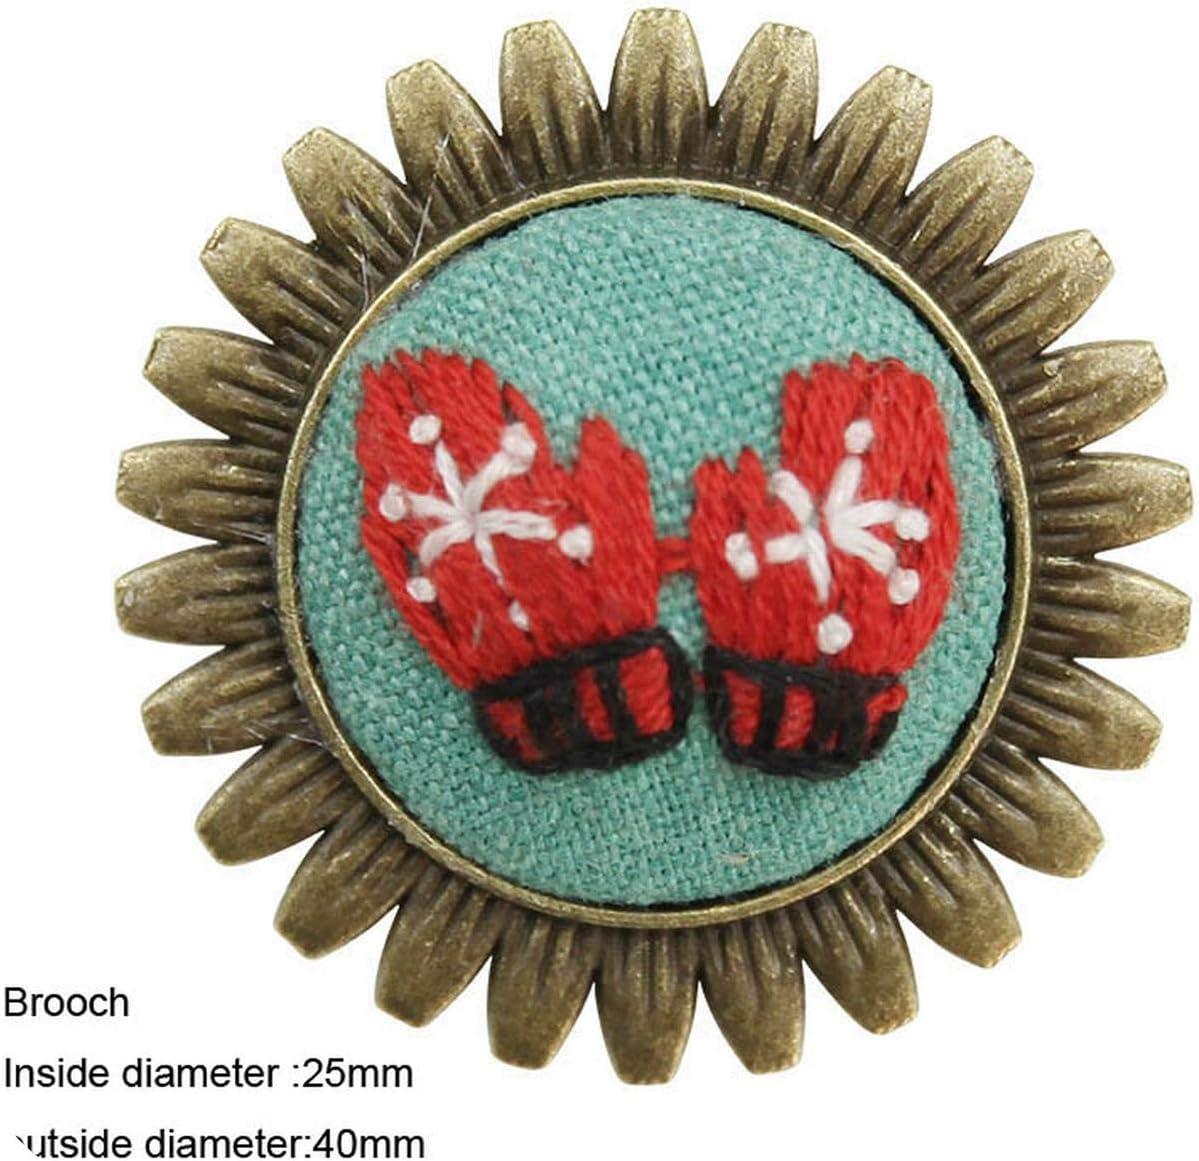 Kits de bordado de broche de collar, conjuntos de punto de cruz de flores de bricolaje con aro artesanía columpio hecho a mano regalo creativo sin terminar con un aro de plástico